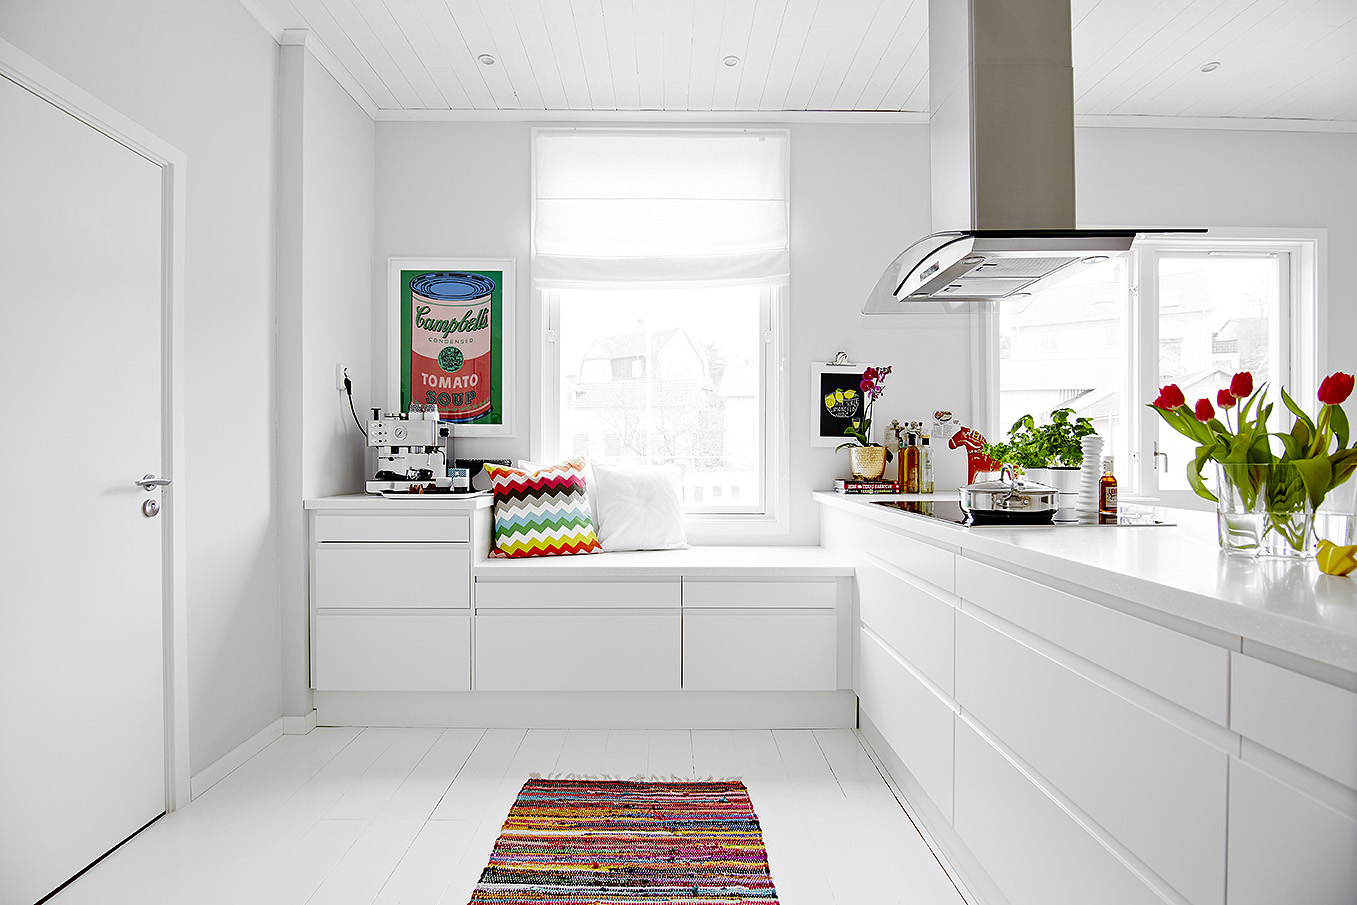 La cocina es lo importante blog decoraci n estilo for Adornos para cocina moderna